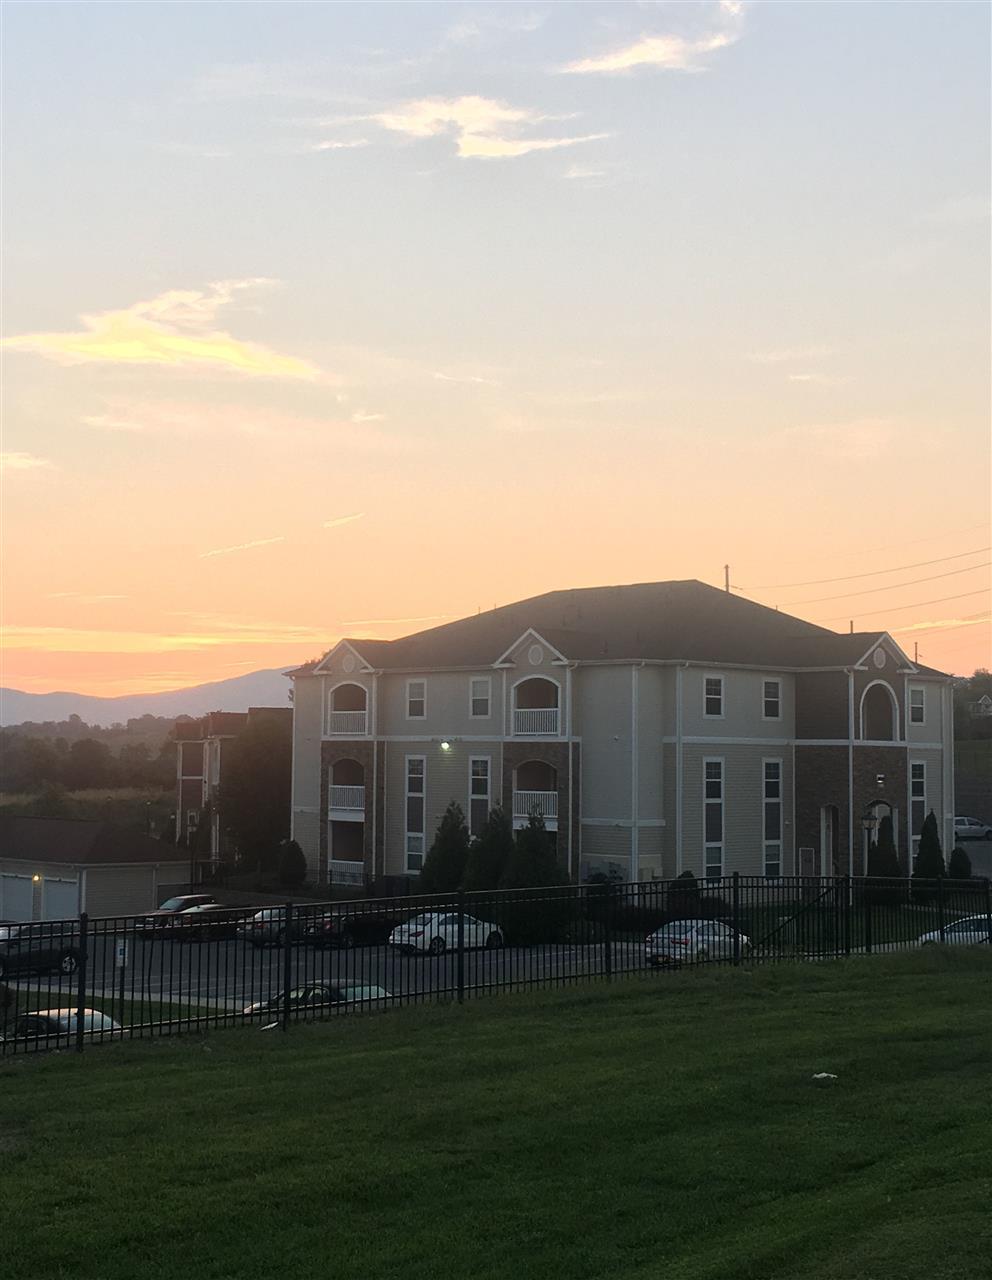 Sunrise over North 38 Apartments in Harrisonburg, VA